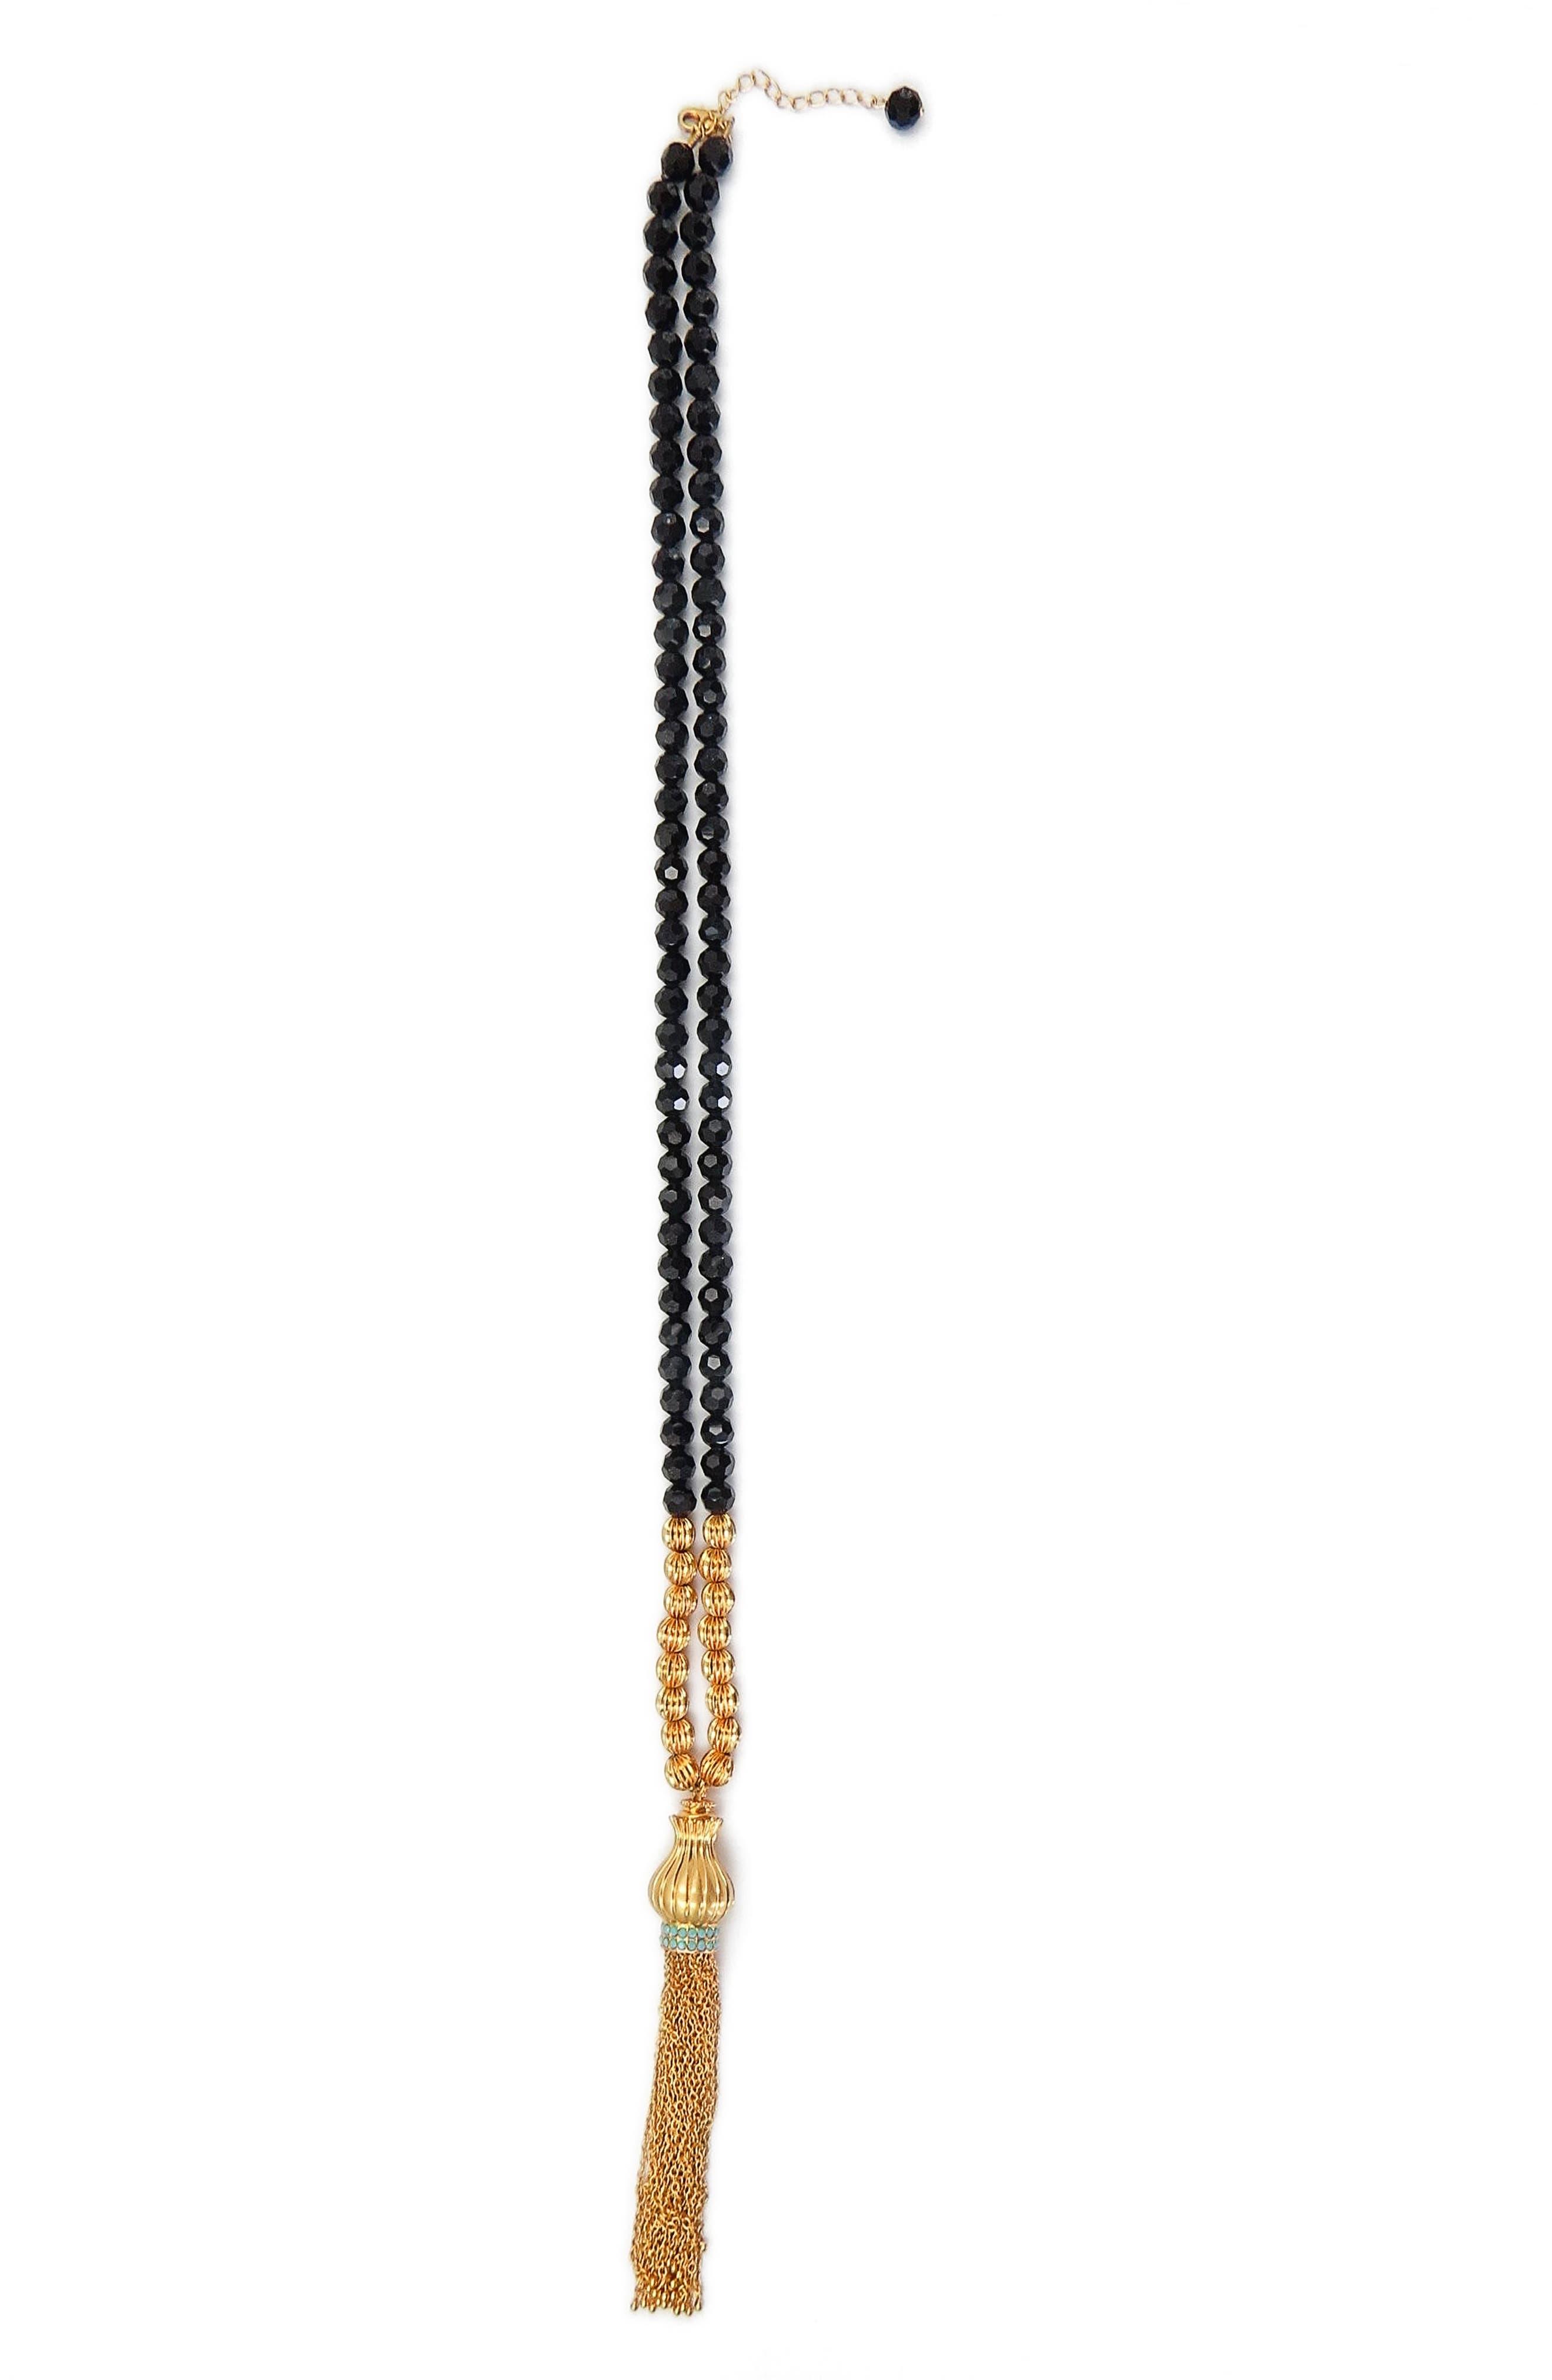 Asa Kaftans Tassel Beaded Necklace